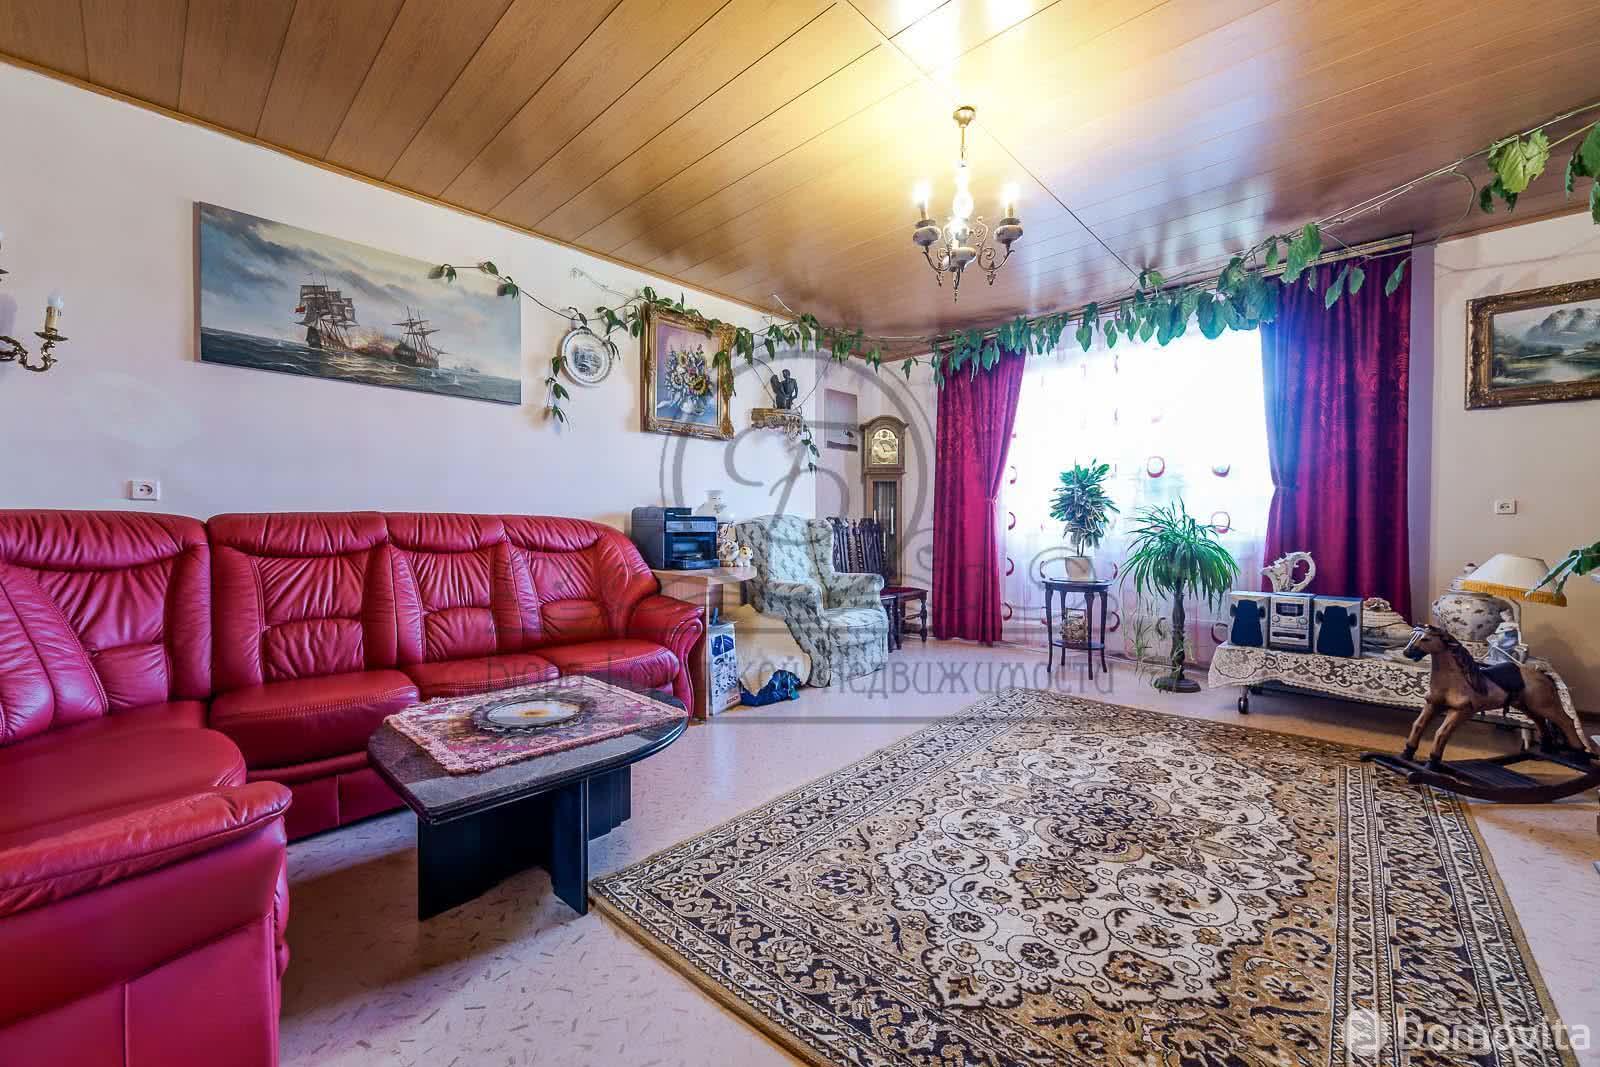 Аренда 2-этажного дома в Ратомке, Минский район, - фото 2